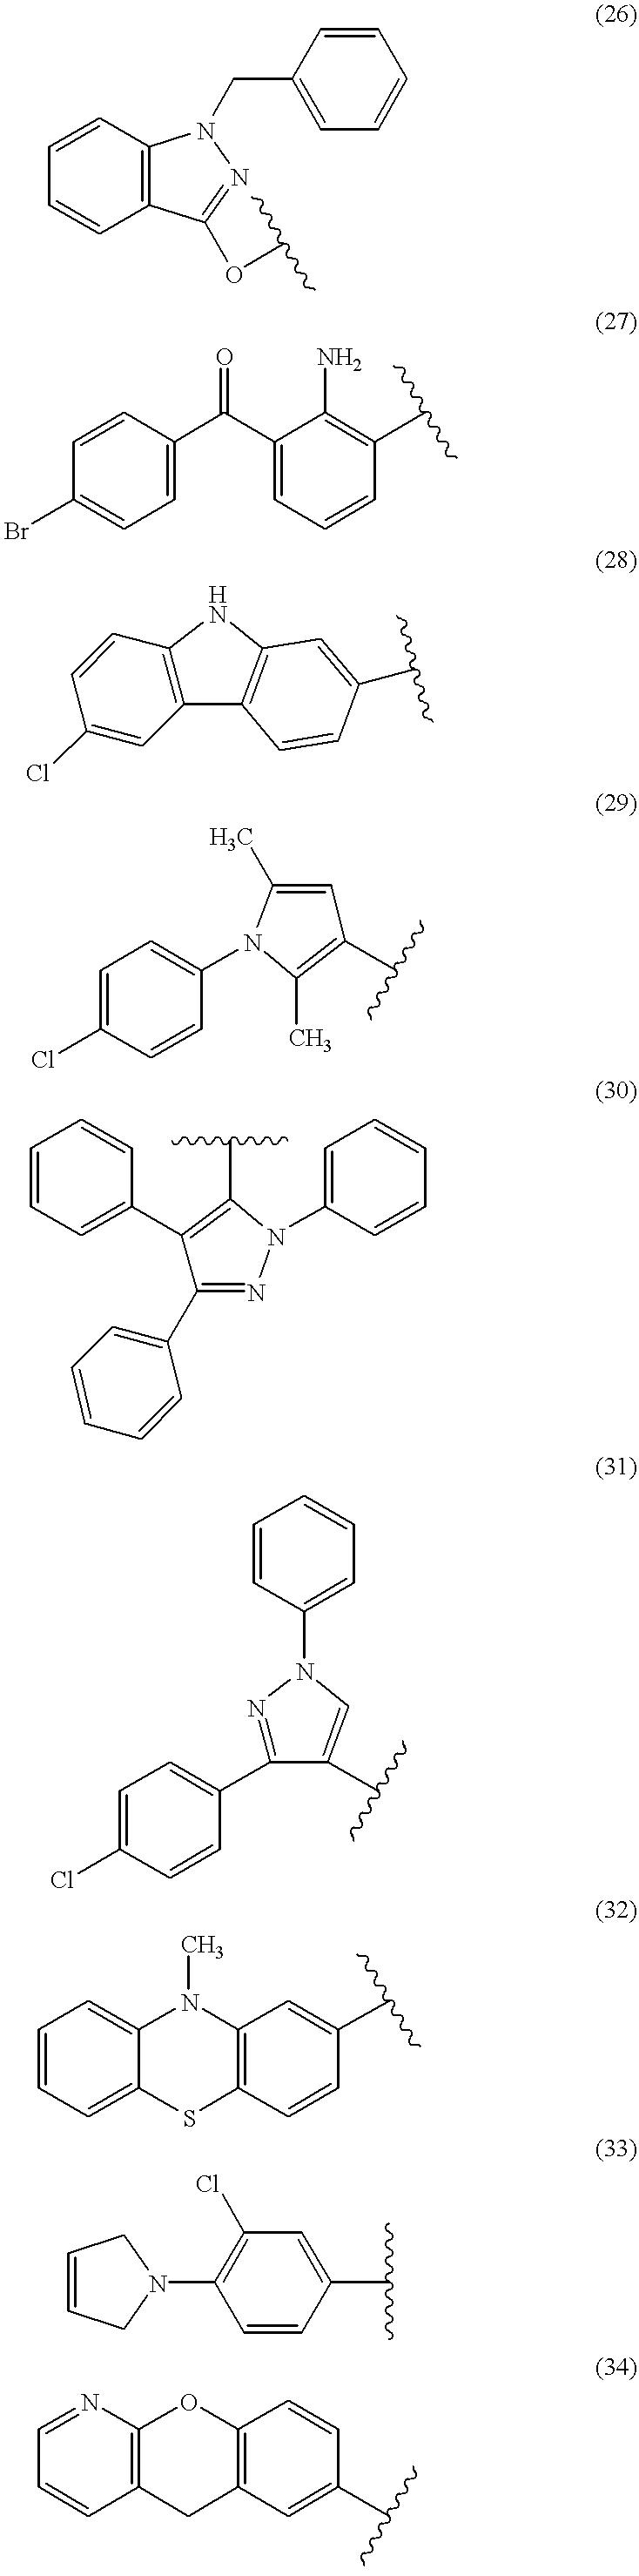 Figure US06297260-20011002-C00019